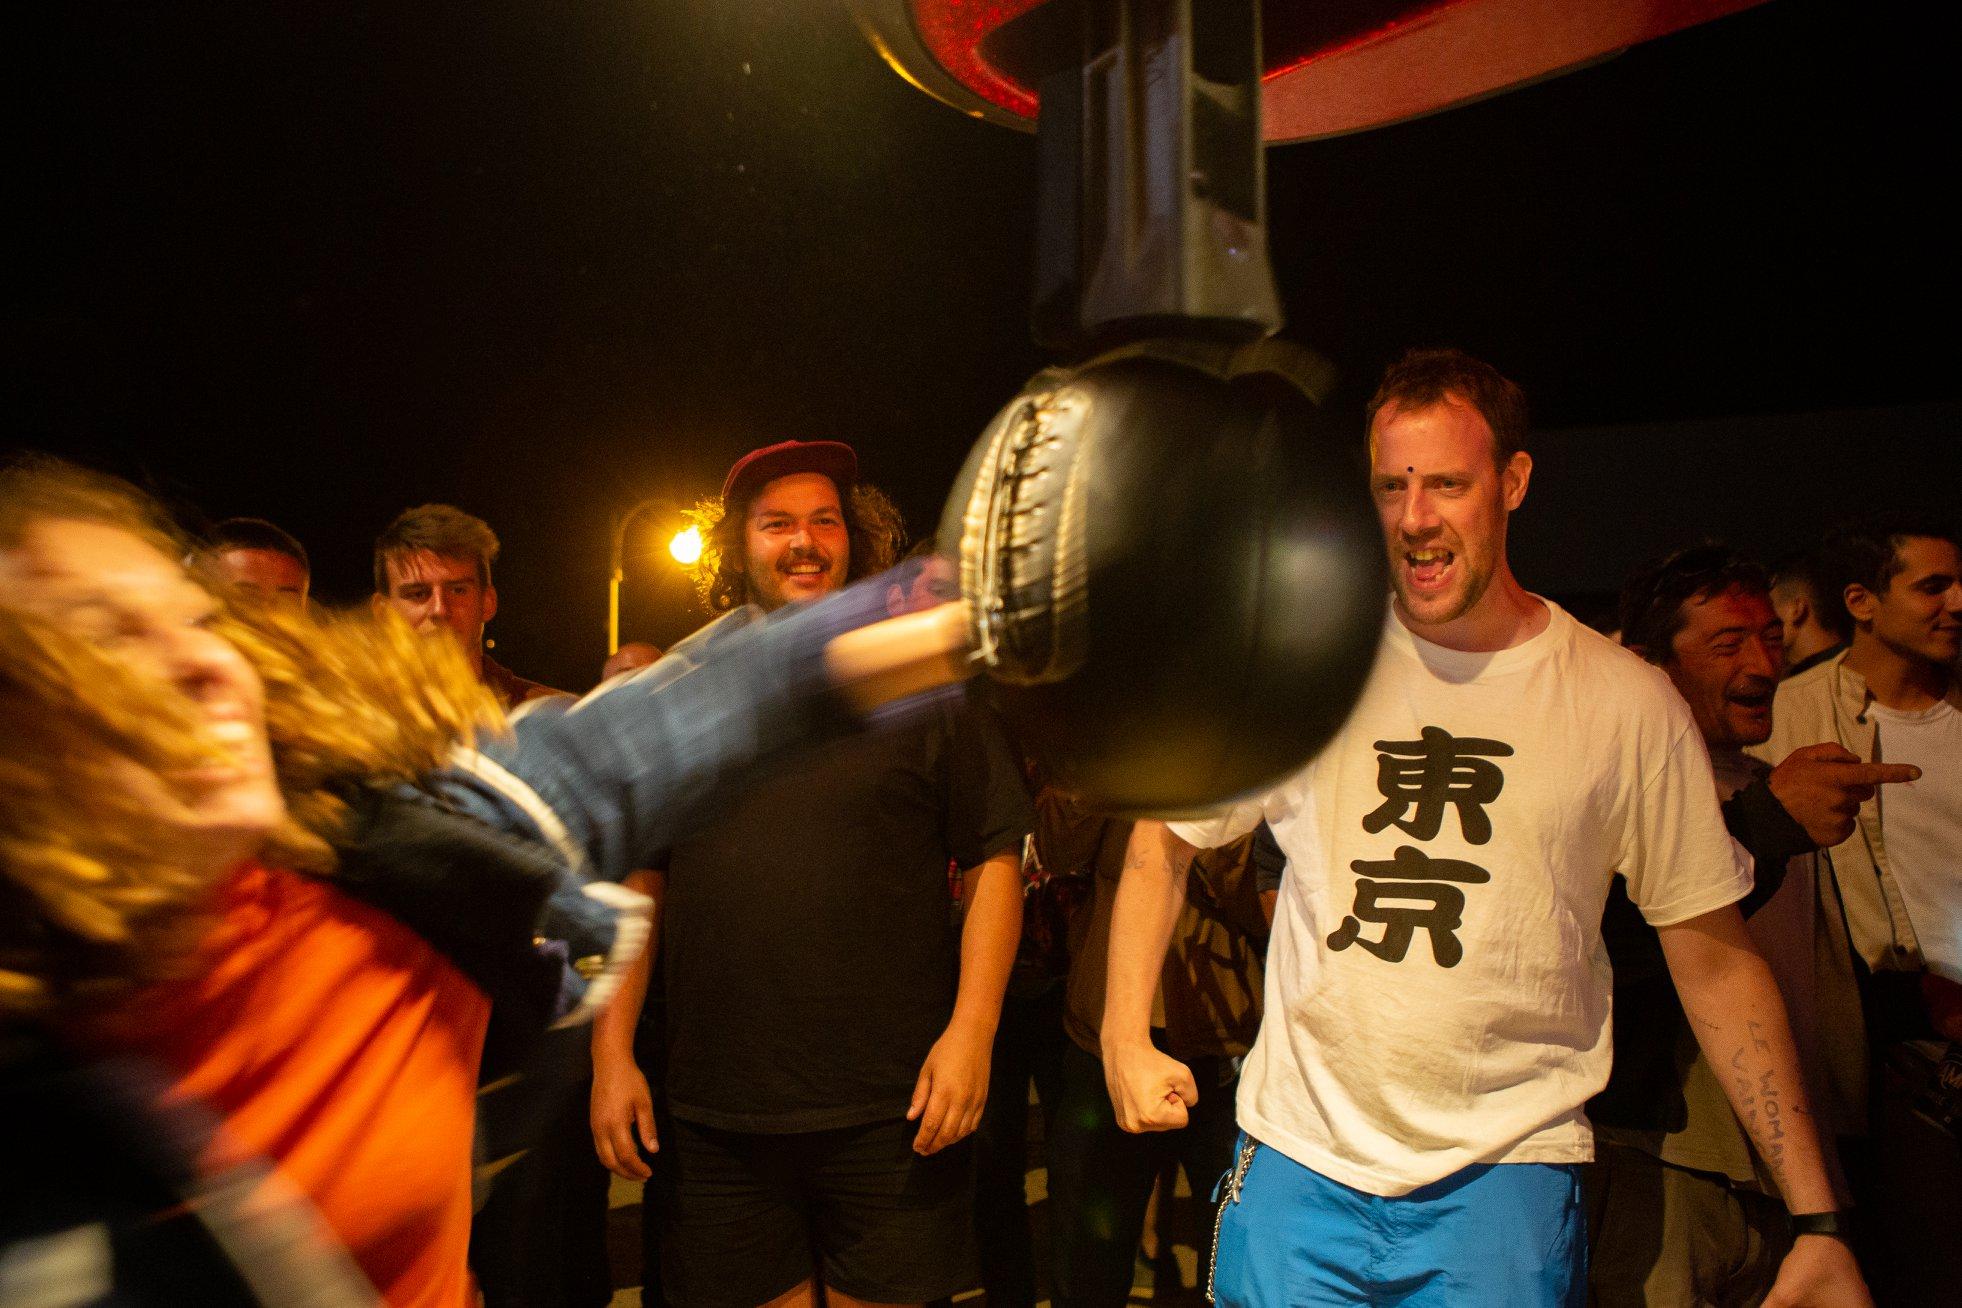 Greėgoire Sohier - Le punching-ball est l'une des attractions embleėmatiques offertes aux festivaliers du BFBF